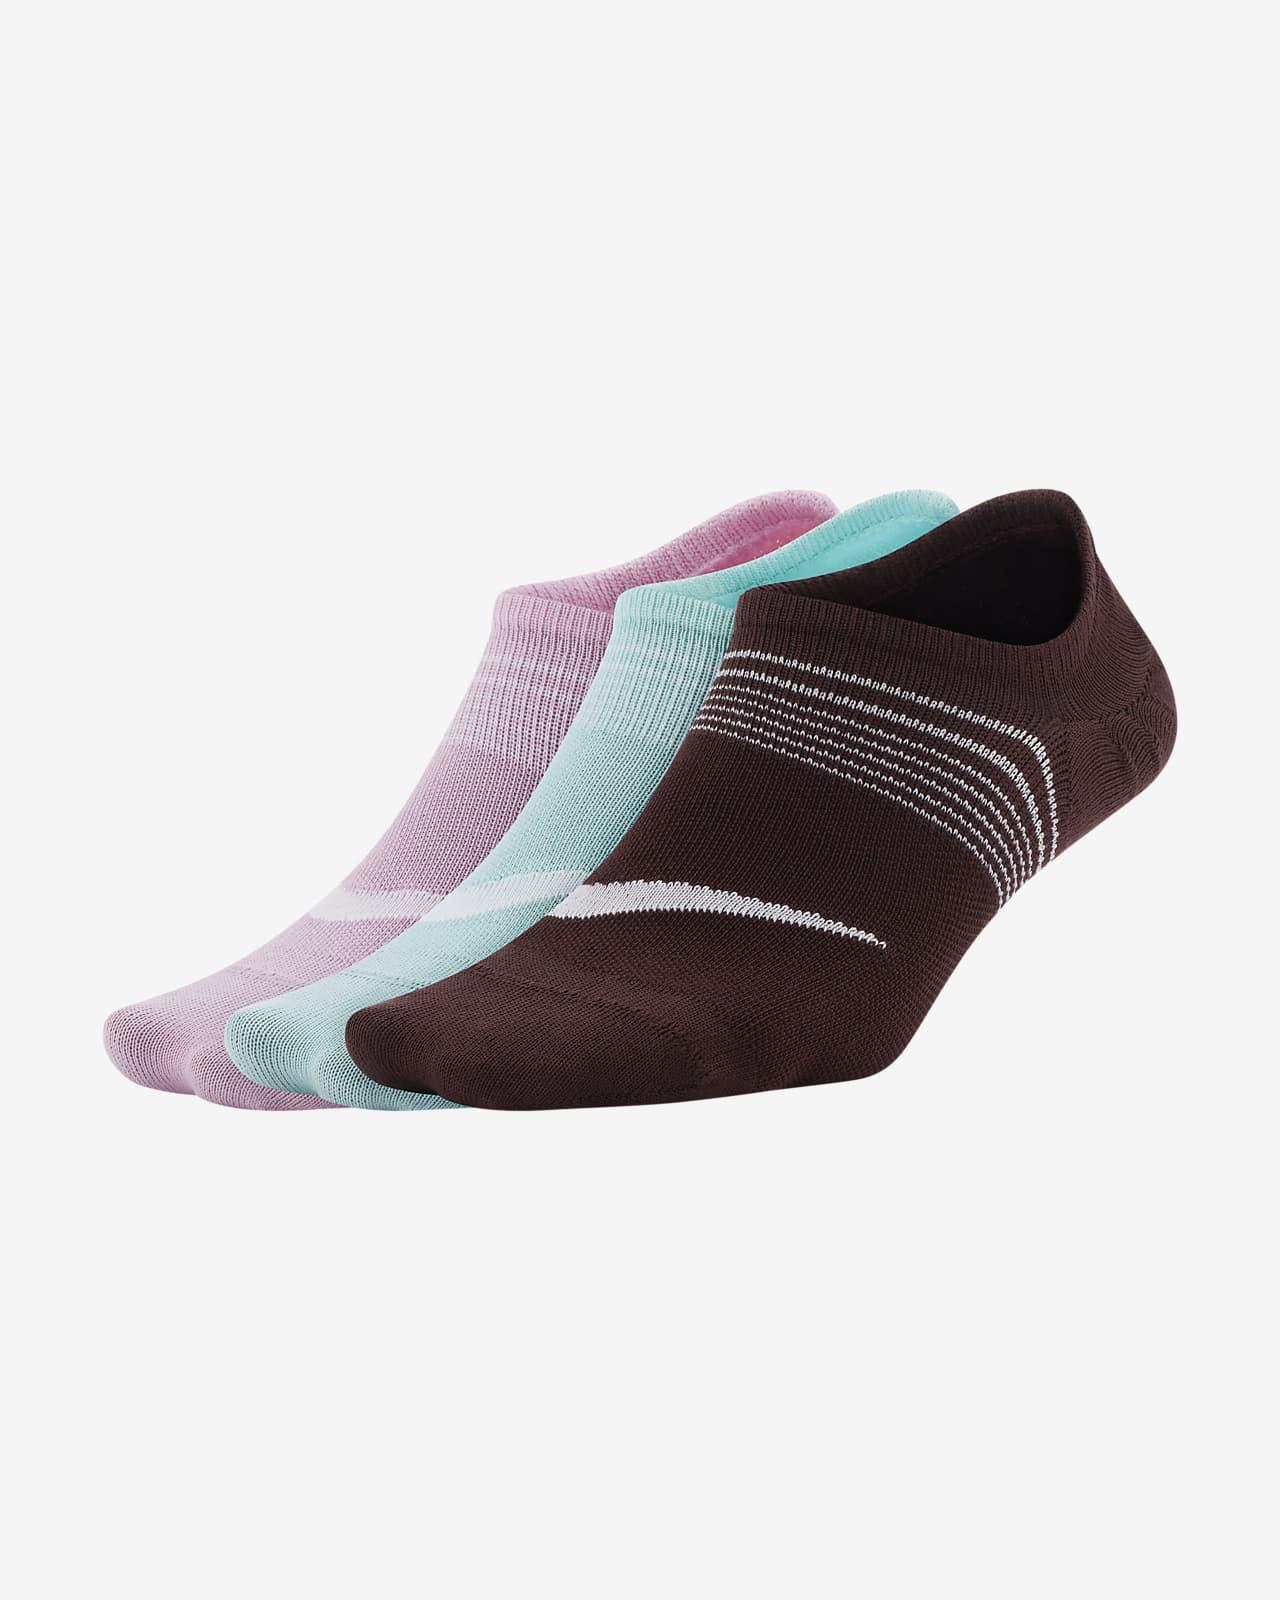 ถุงเท้าเทรนนิ่งผู้หญิงแบบซ่อน Nike Everyday Plus Lightweight (3 คู่)